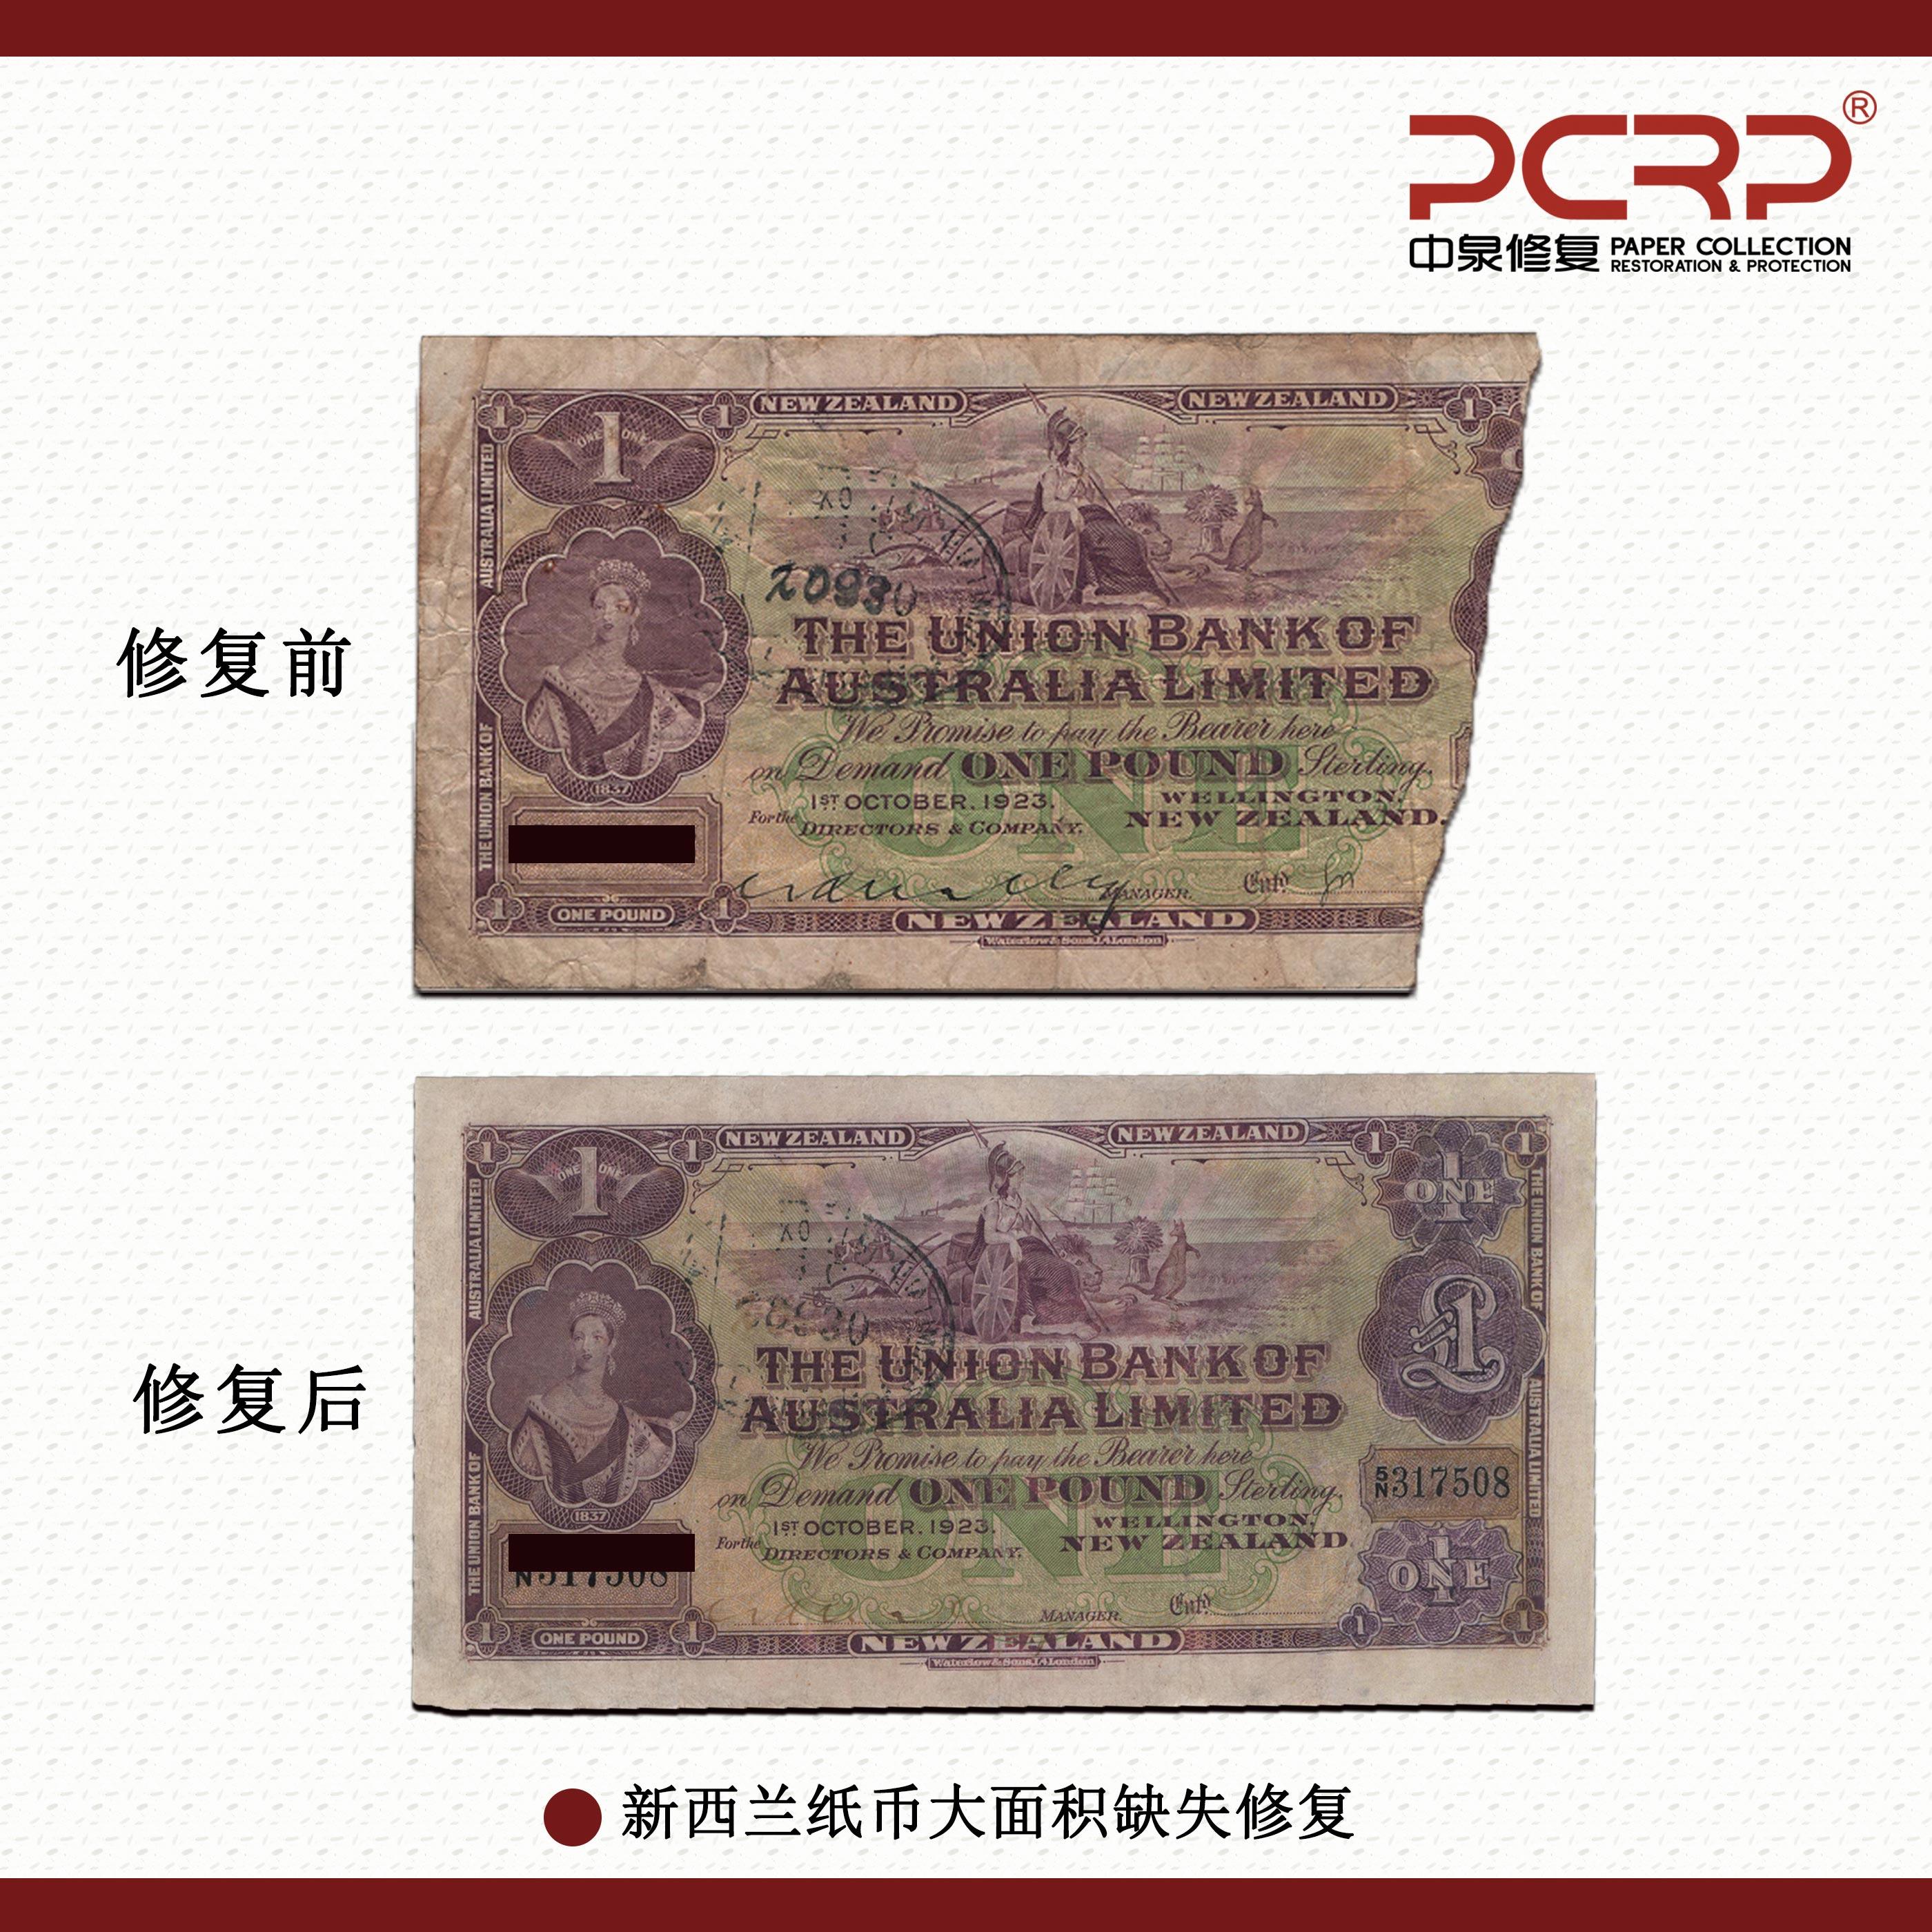 新西兰纸币大面积缺失修复